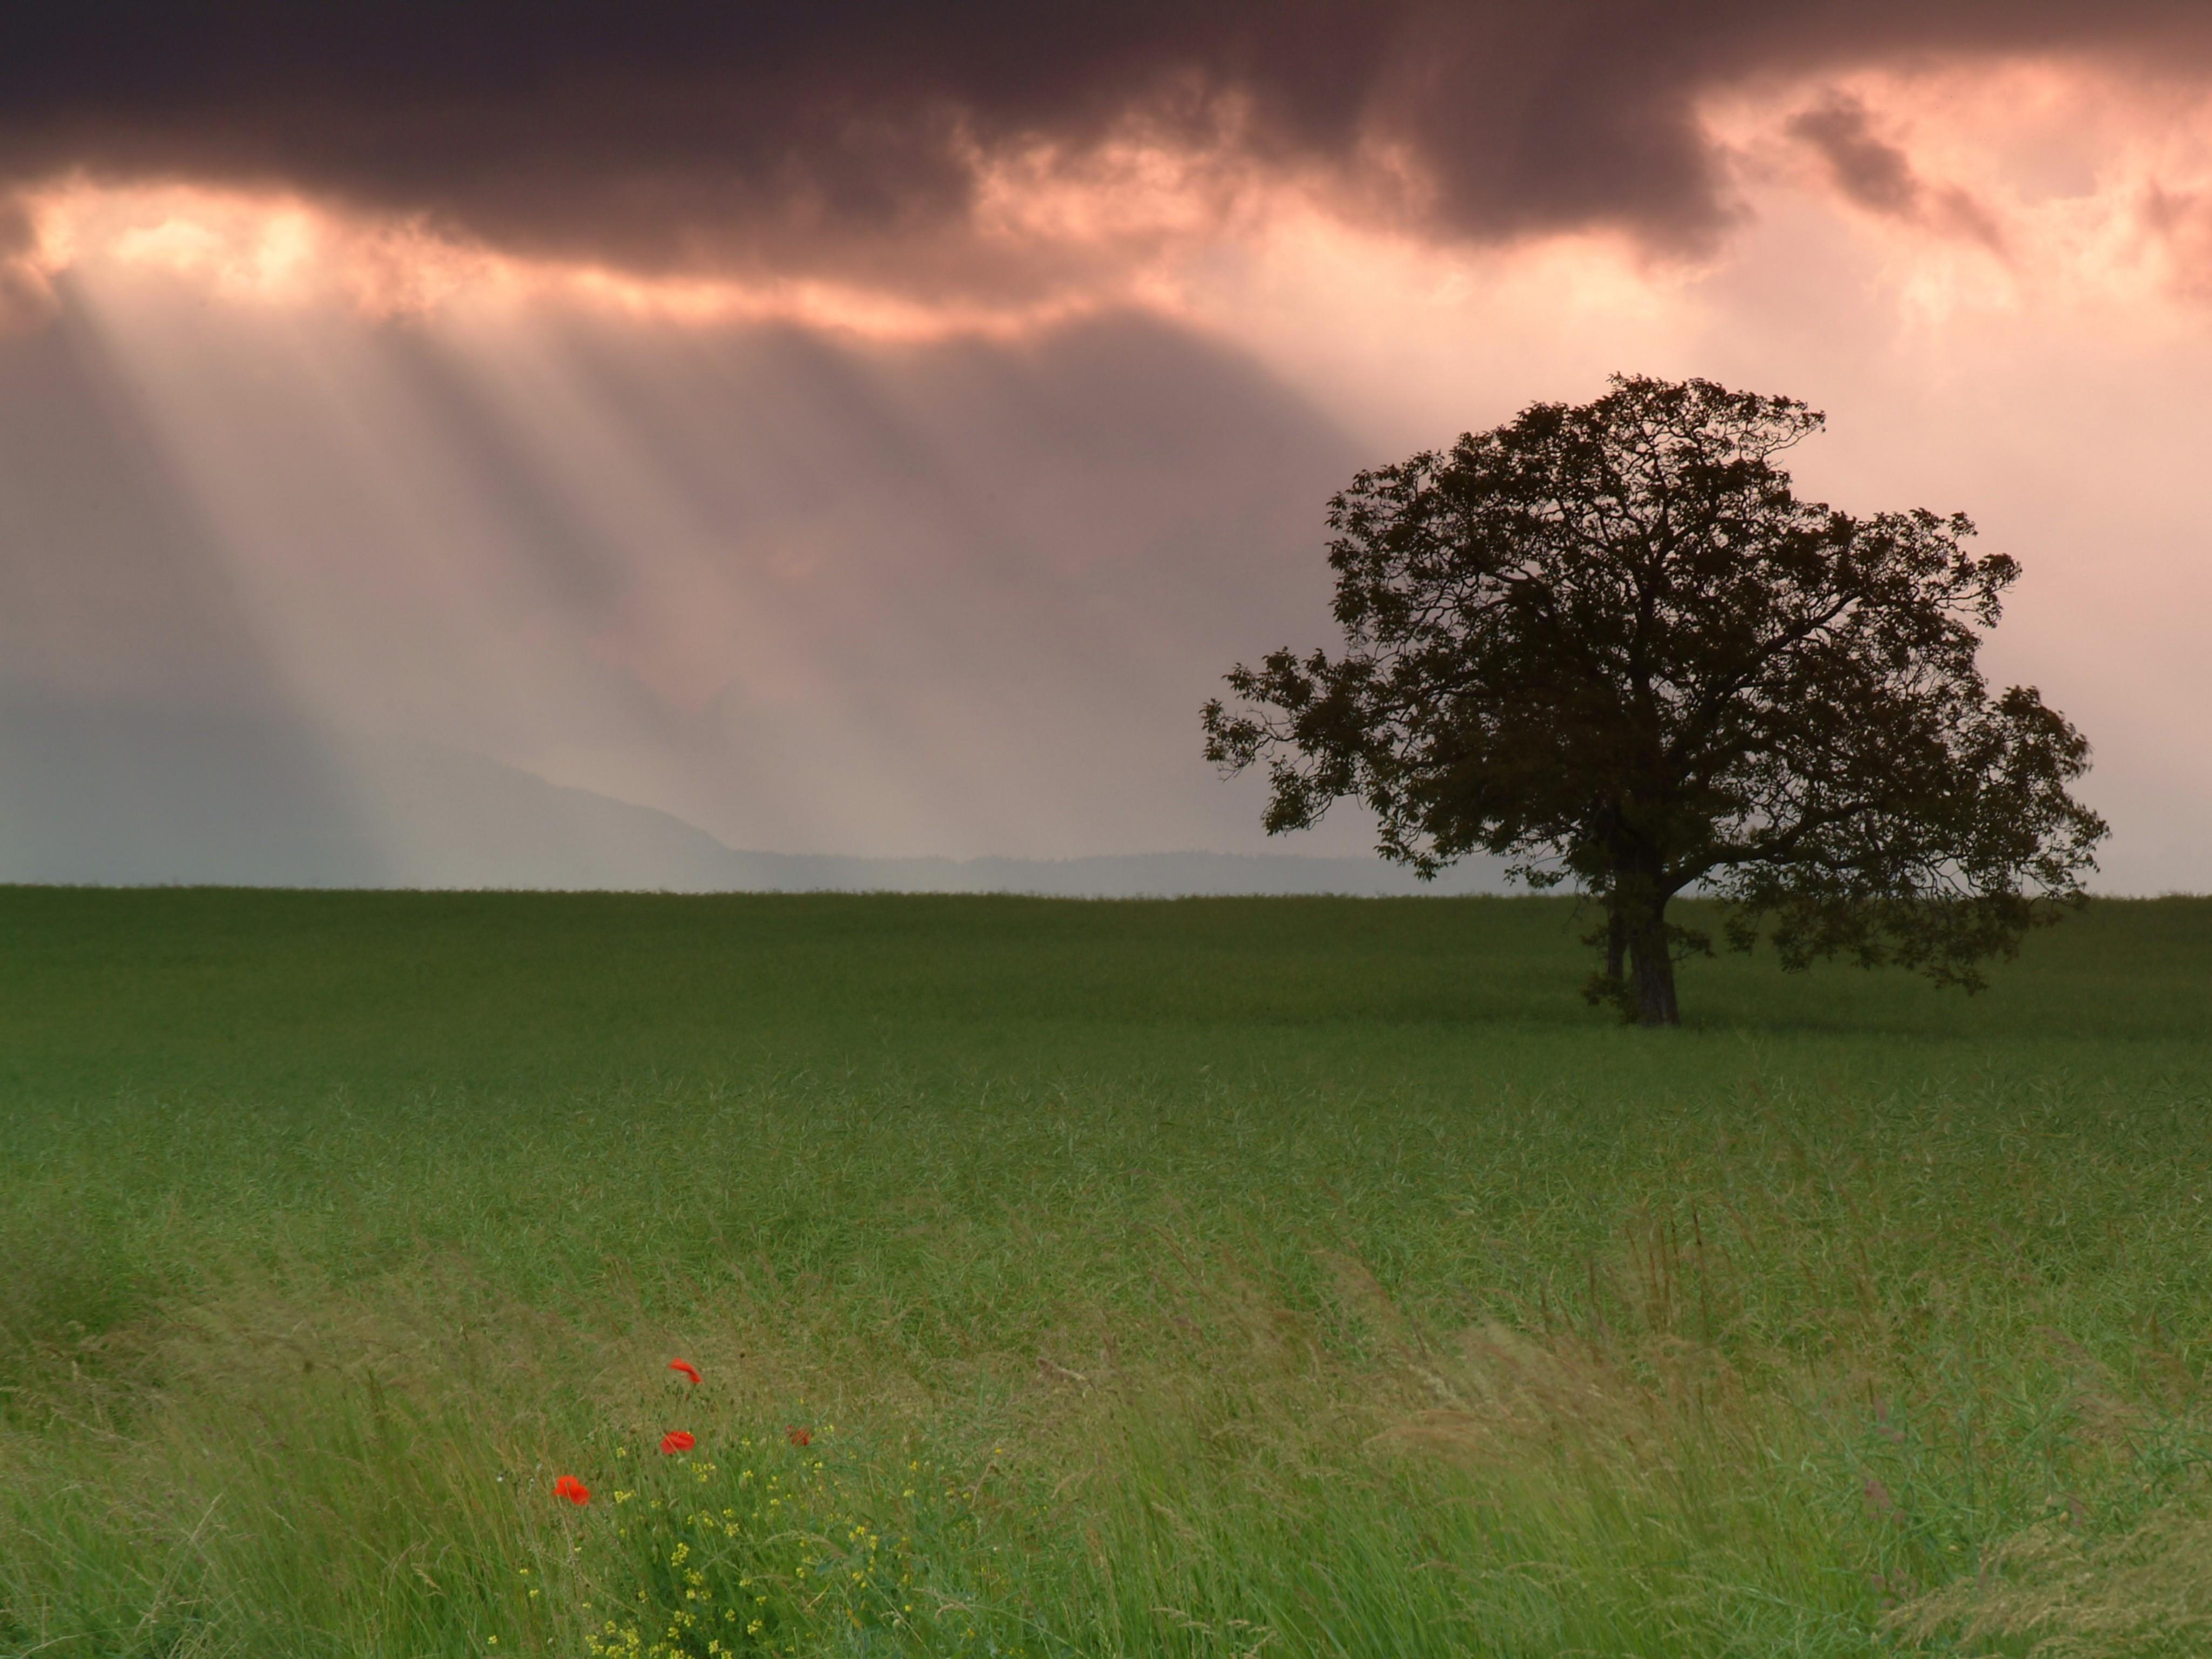 22716 скачать обои Пейзаж, Деревья, Поля, Облака - заставки и картинки бесплатно